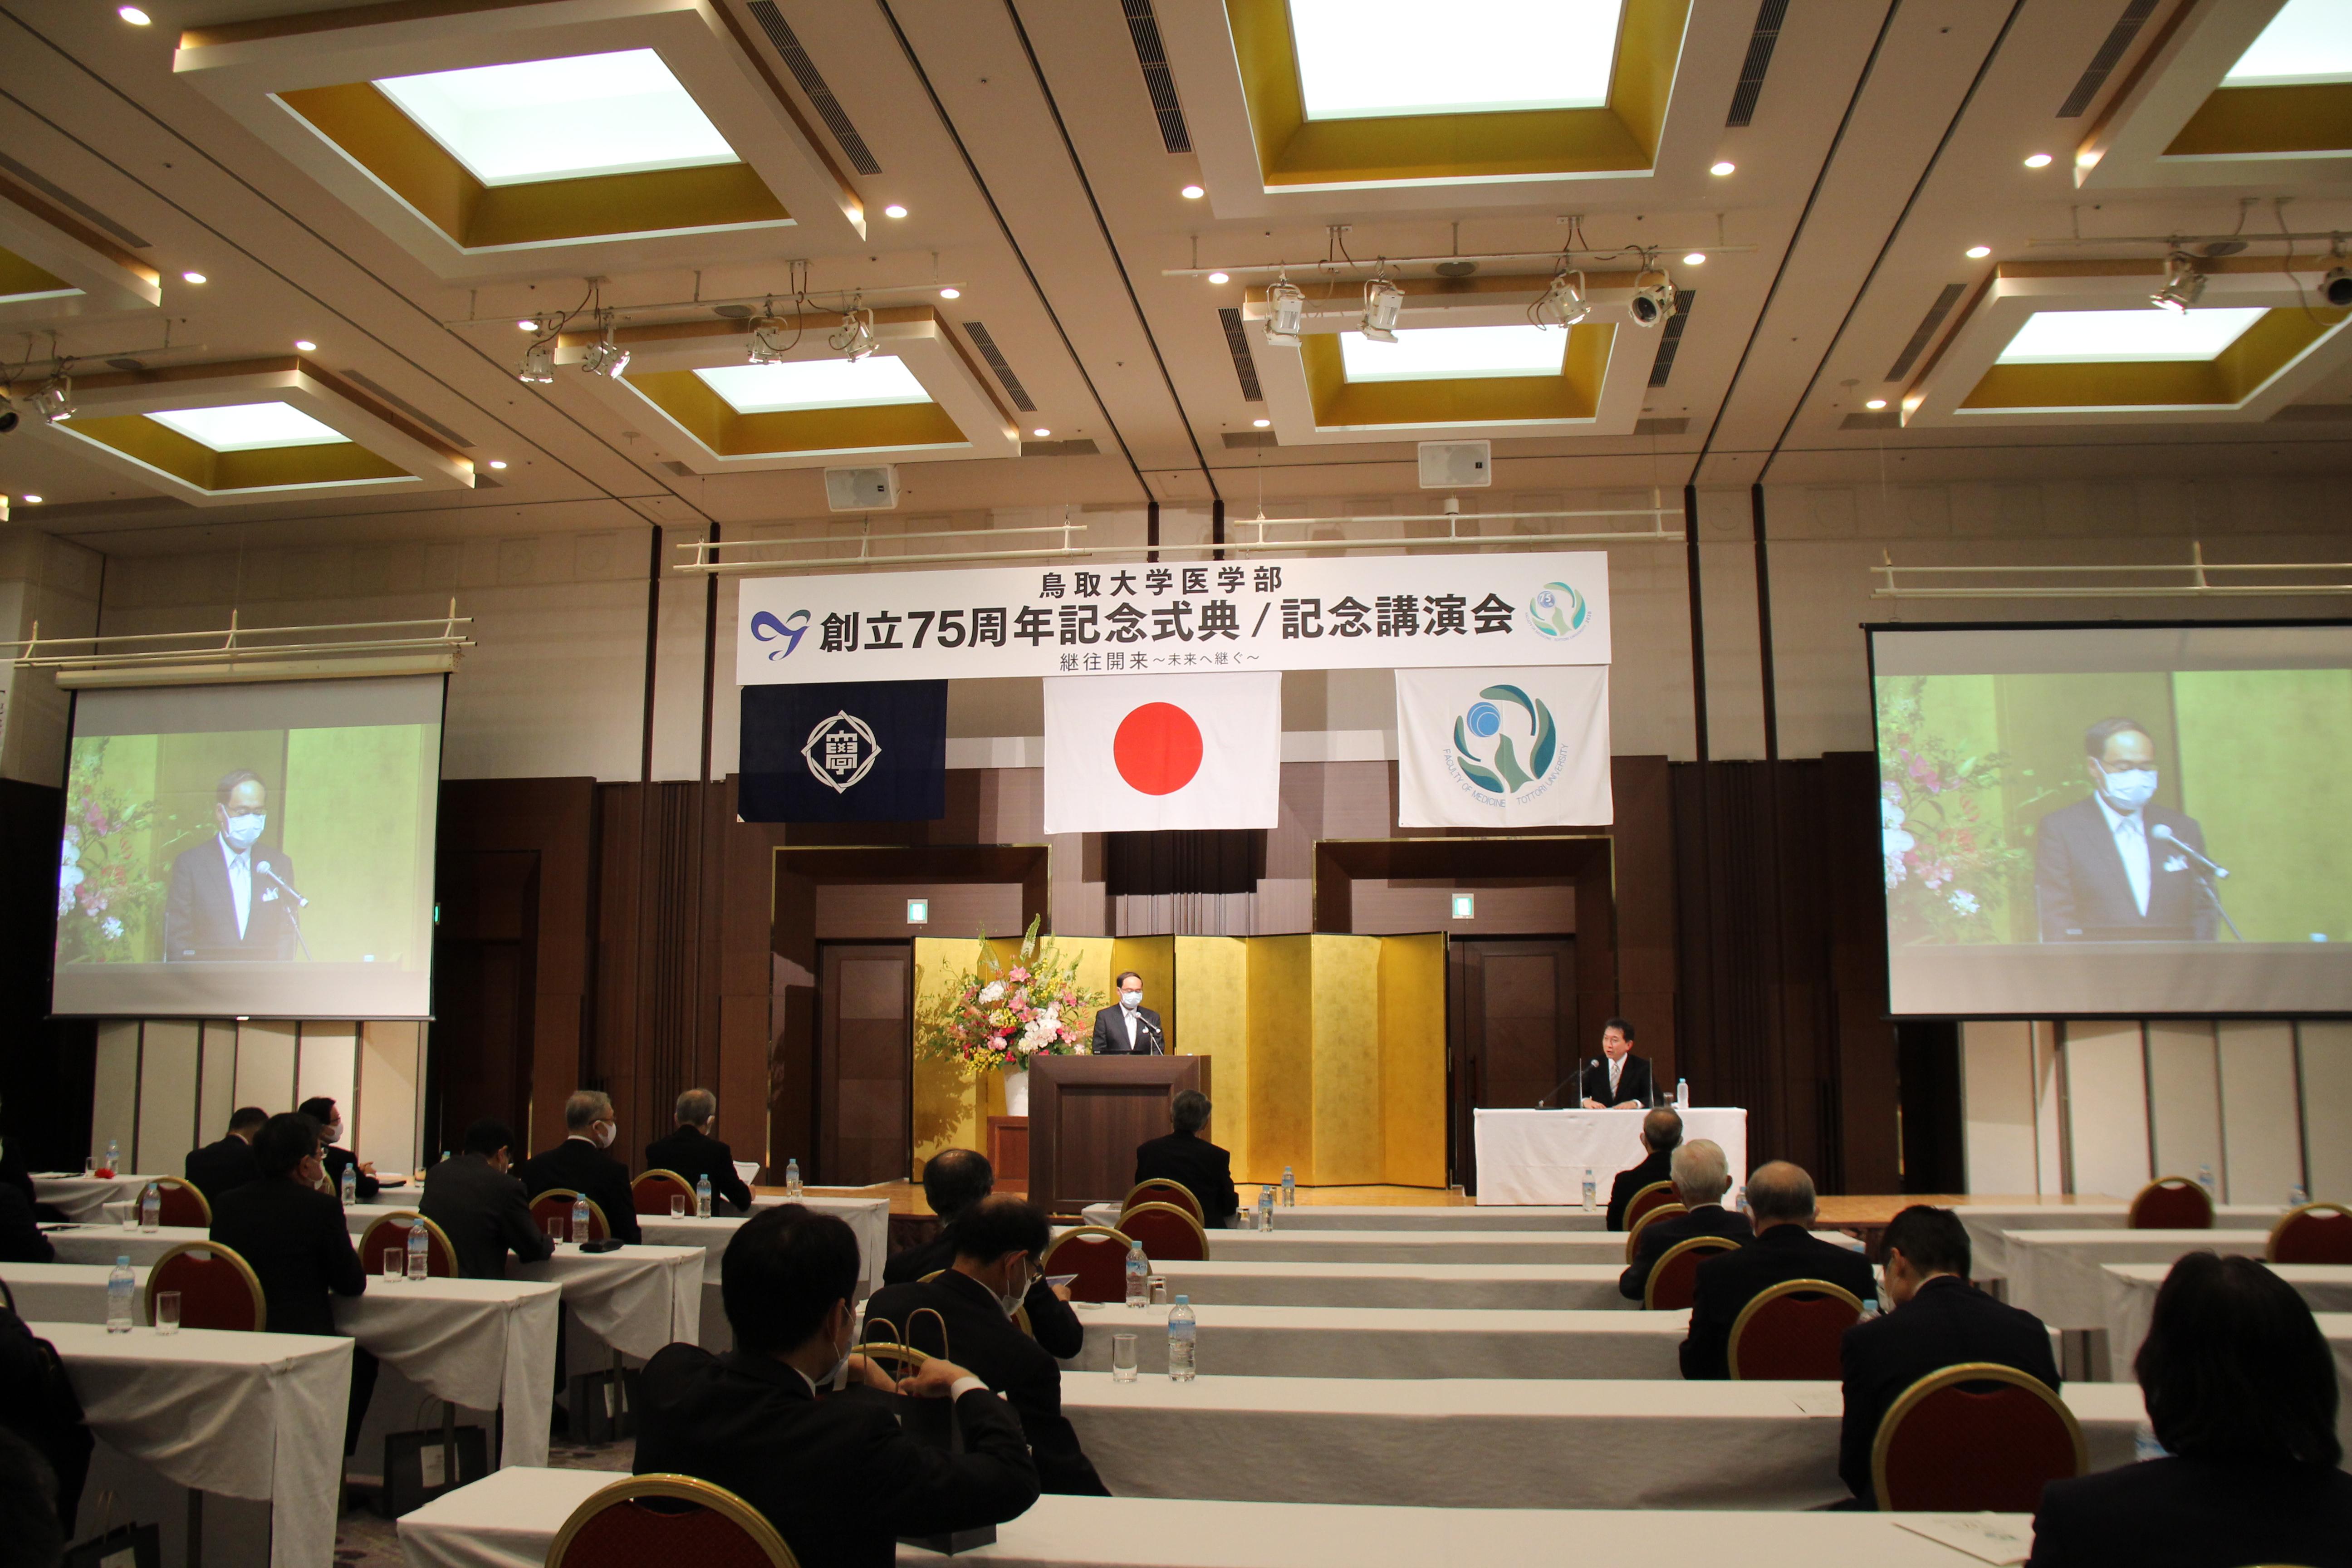 トップ > 新着情報 > 75周年記念式典・記念講演会を挙行しました 09